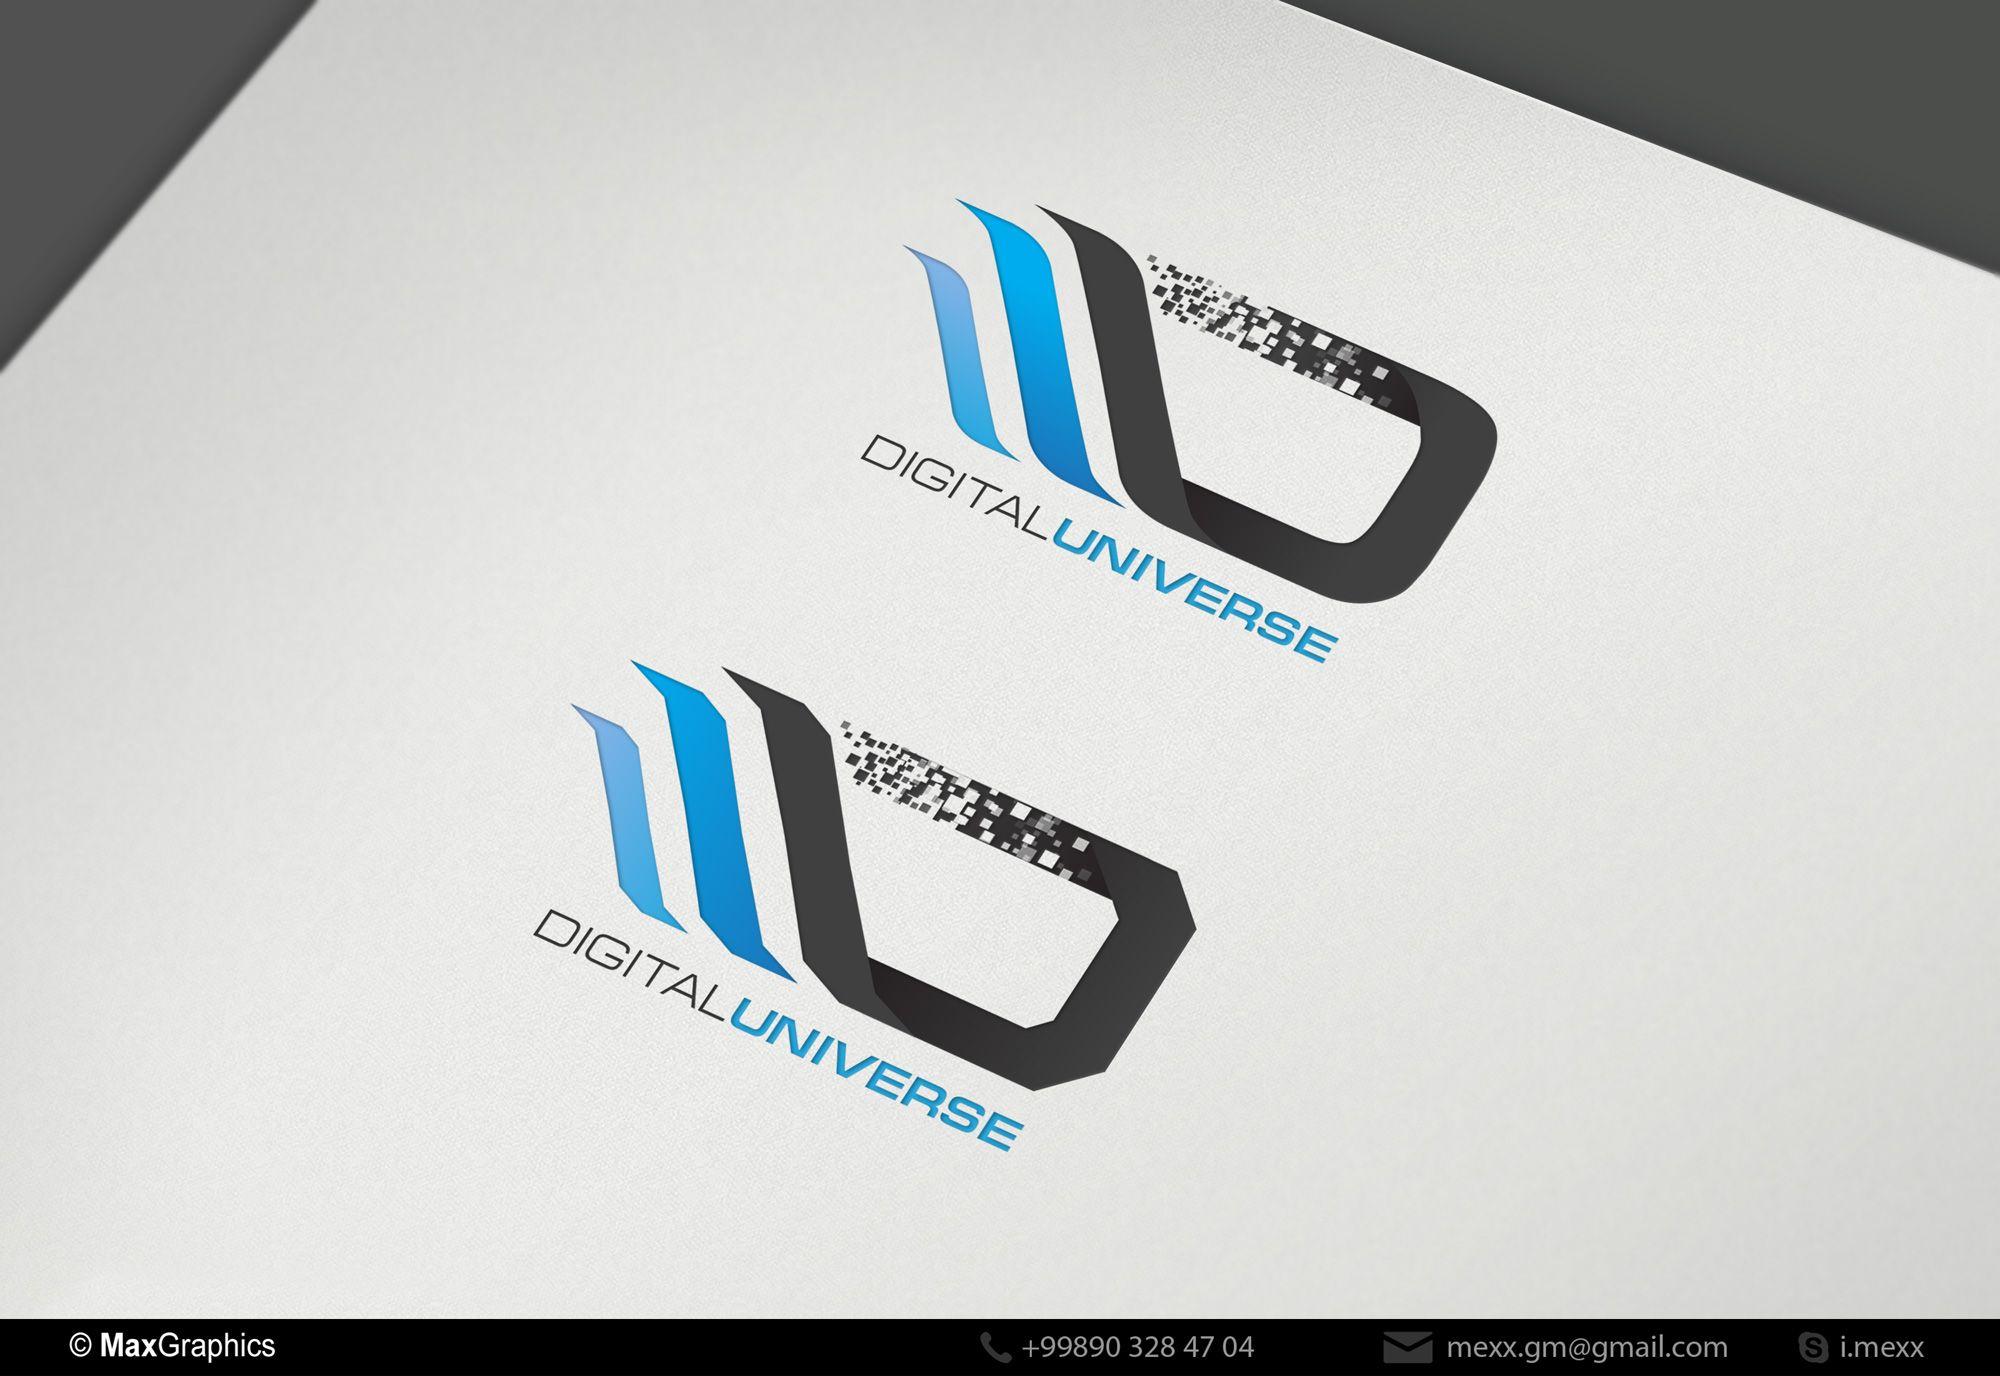 логотип для компании-разработчика ММО-игр - дизайнер Kreativa